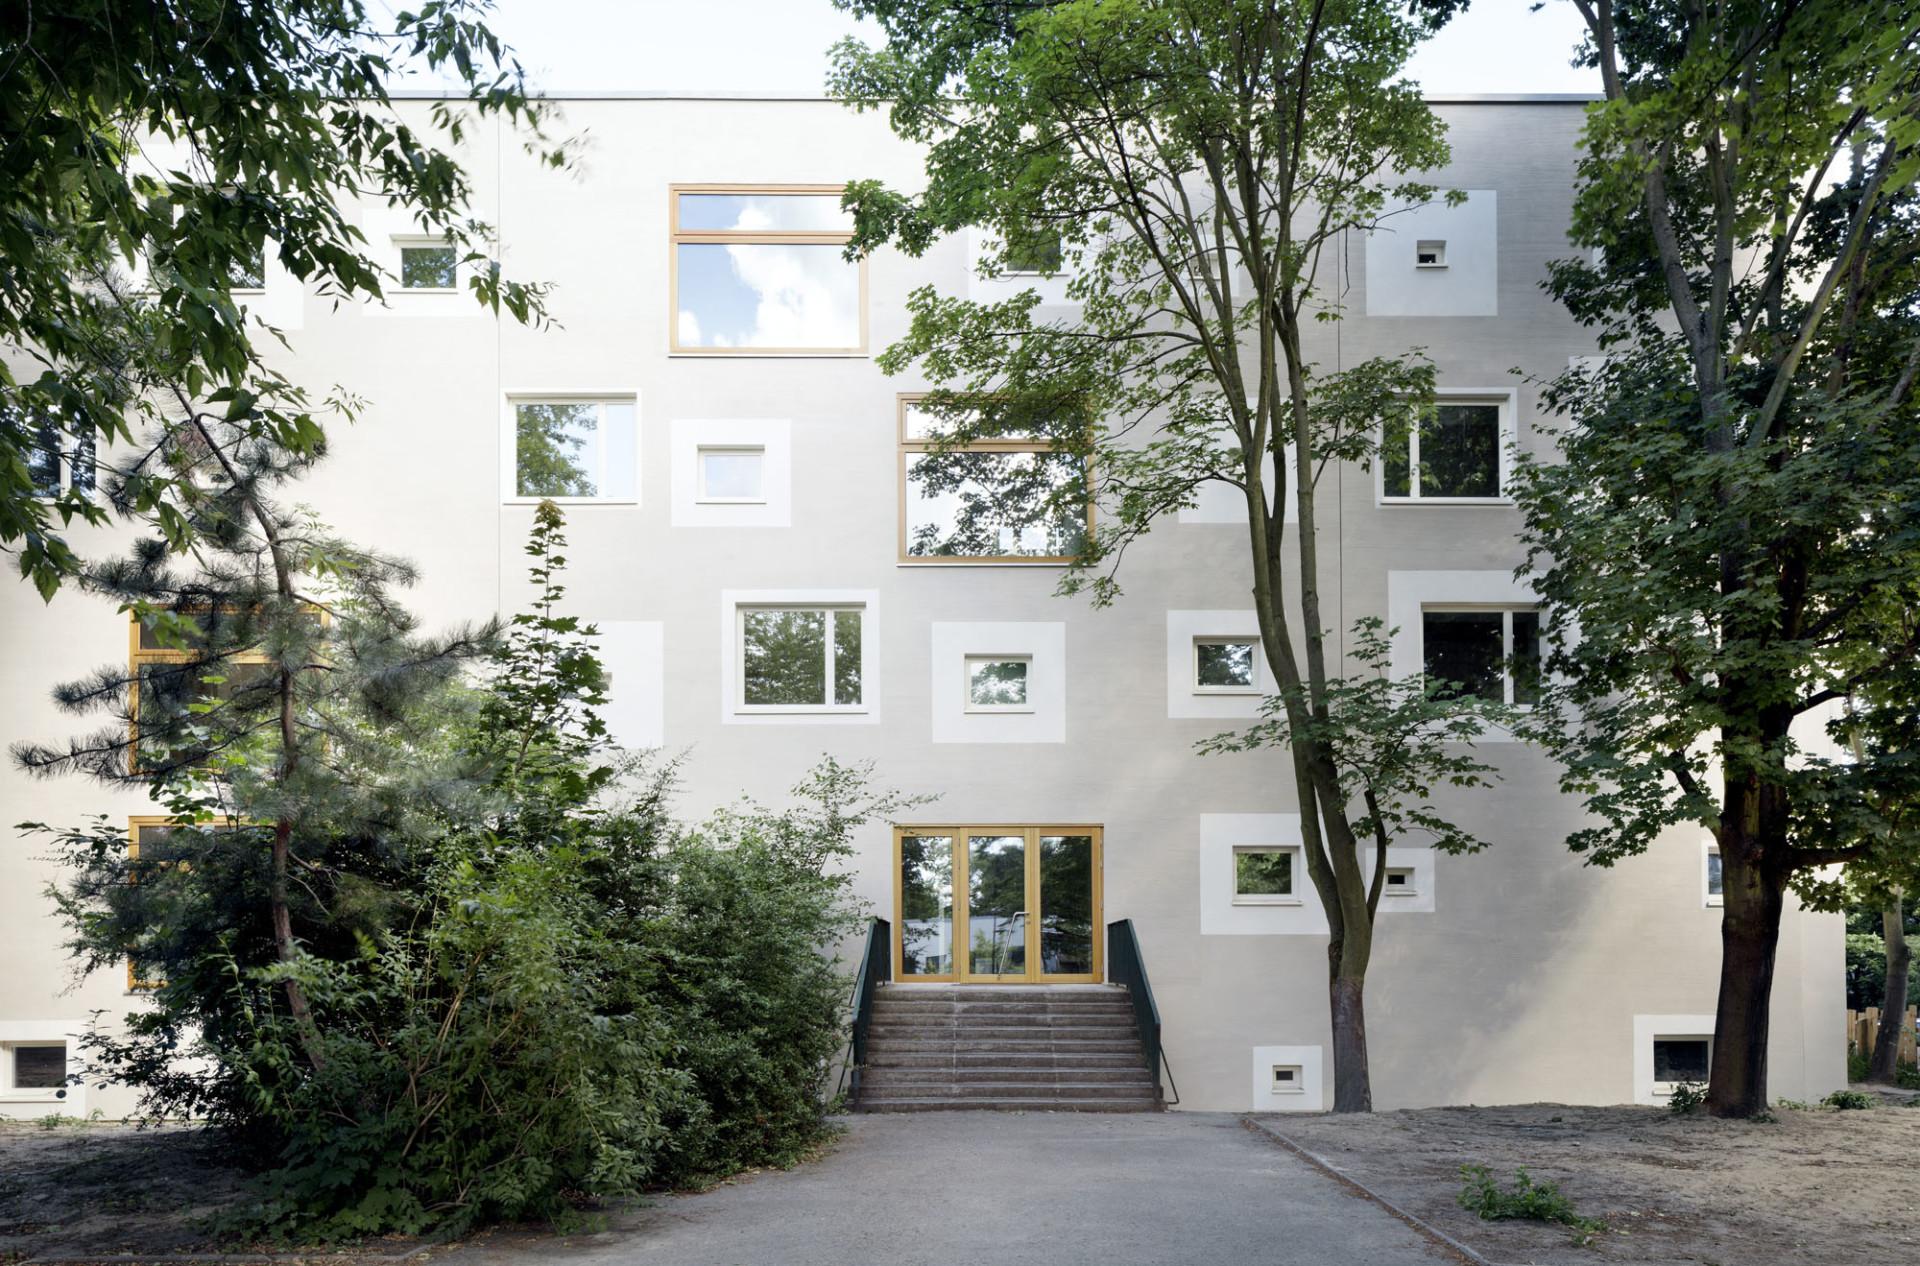 Gregor Schmidt Project, Mono Architekten, 2018